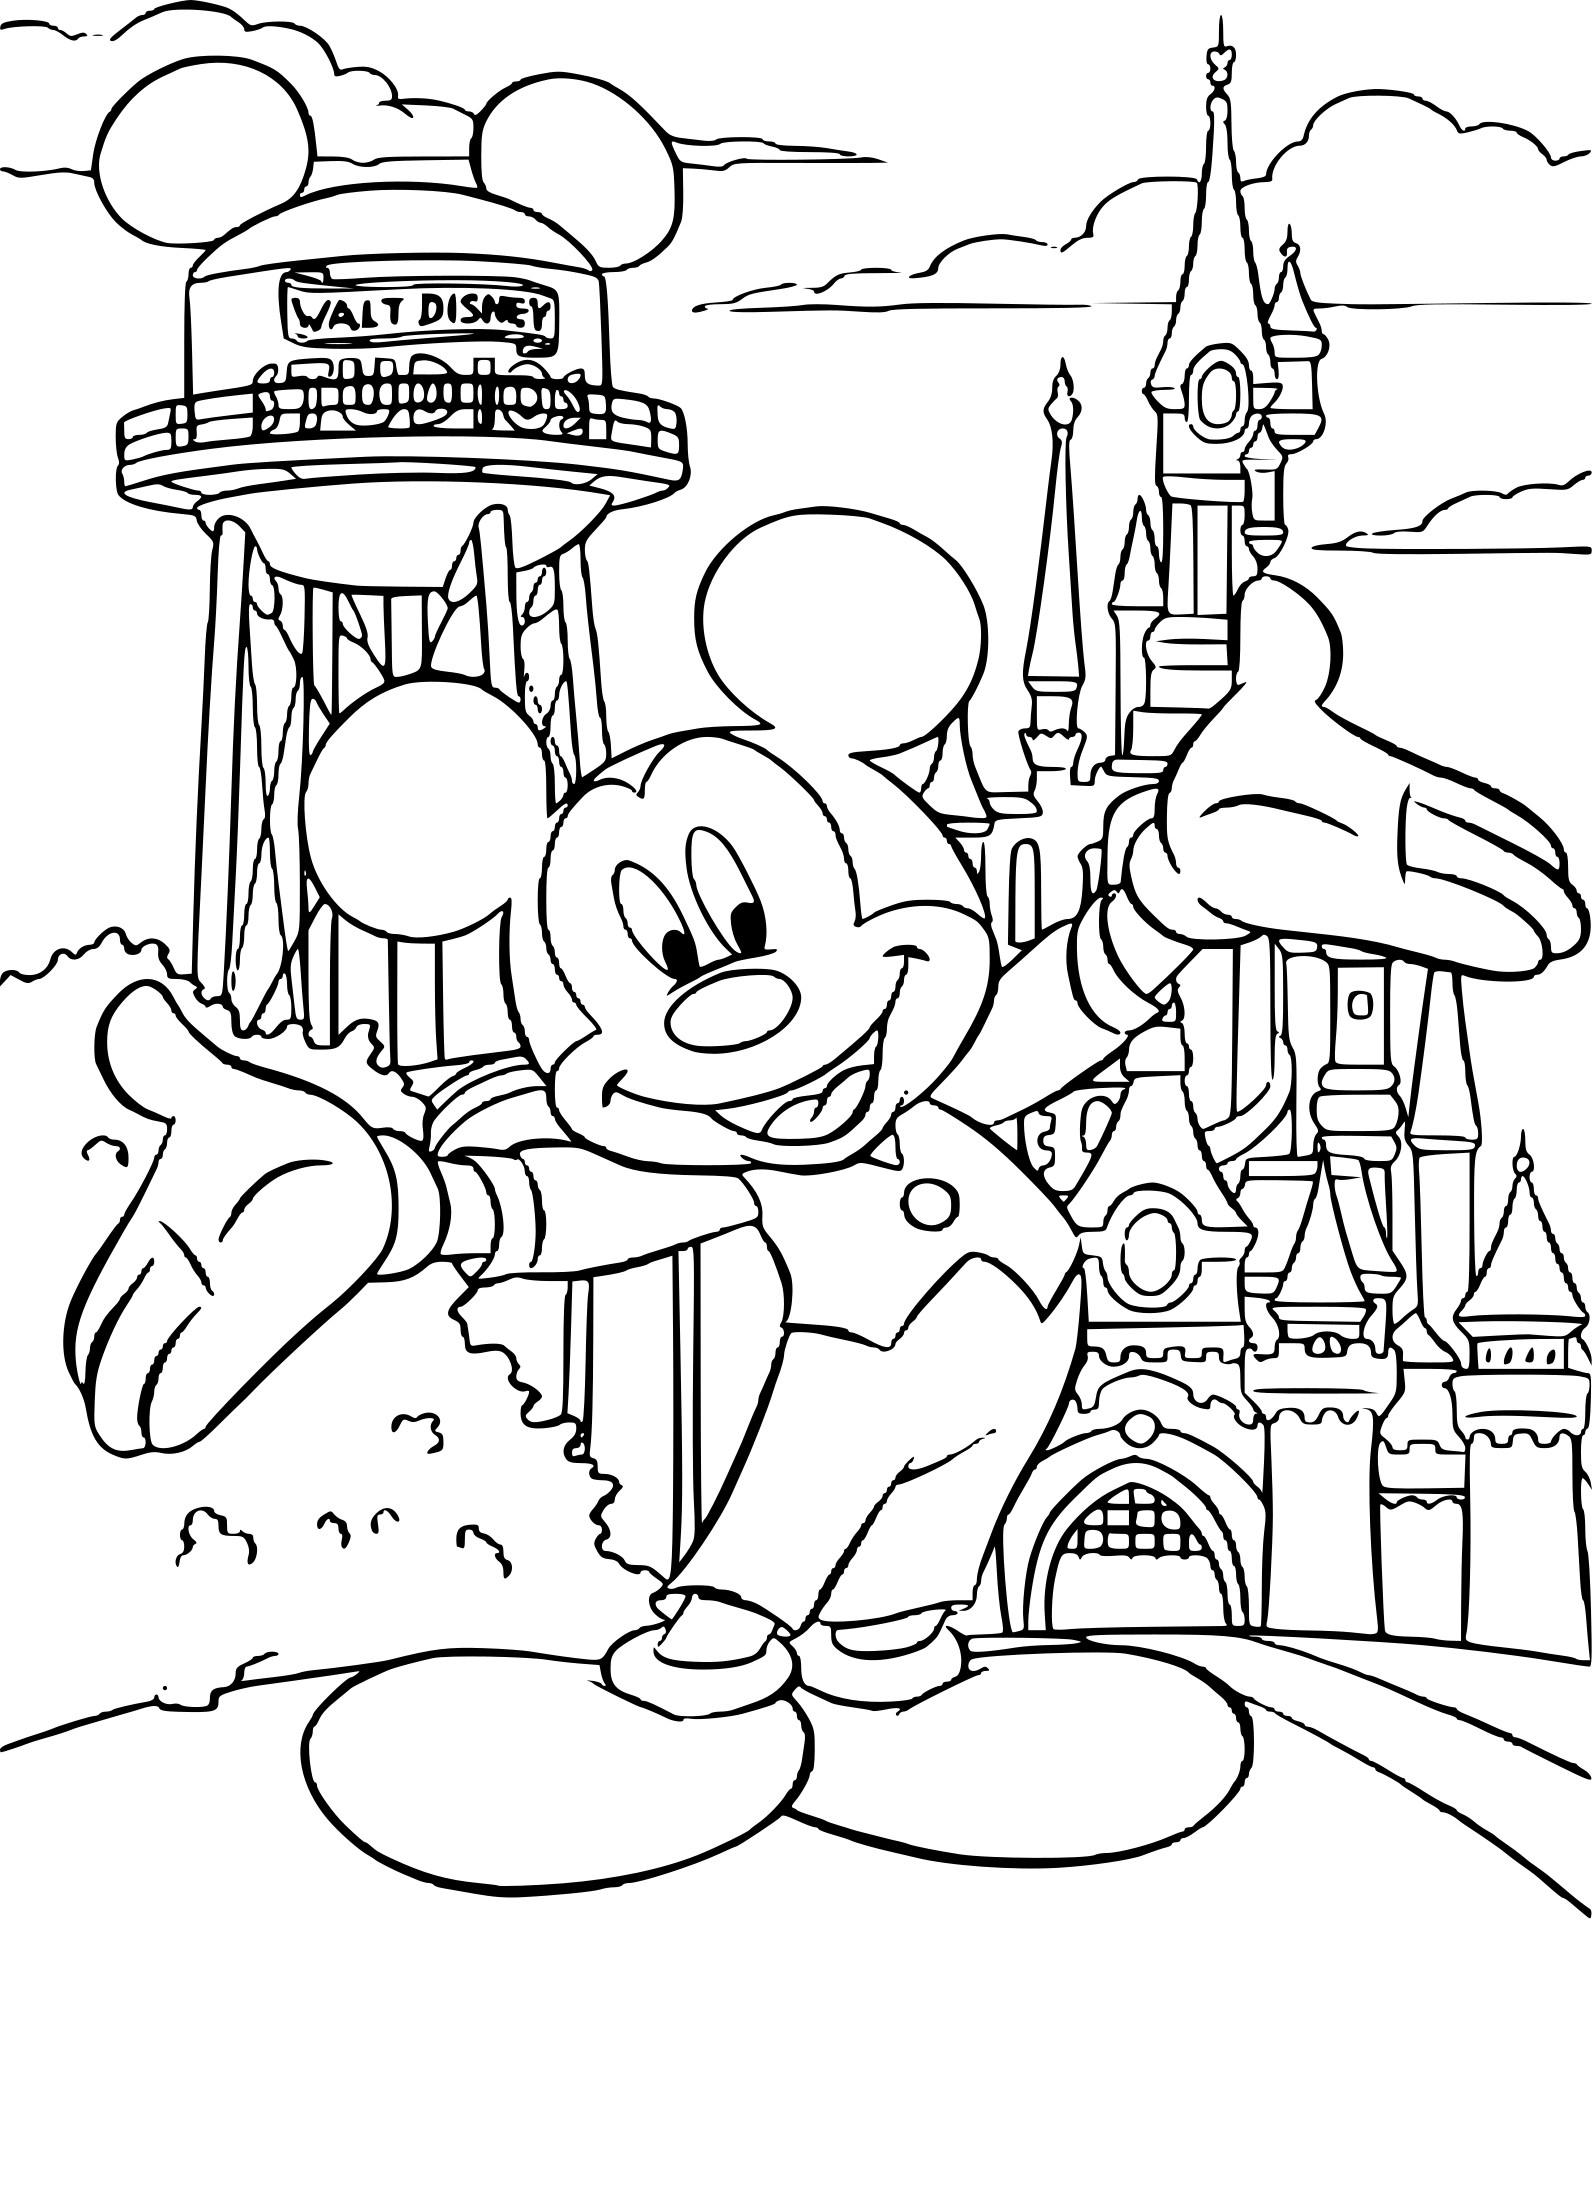 Coloriage Disneyland À Imprimer Sur Coloriages à Dessin Walt Disney À Imprimer